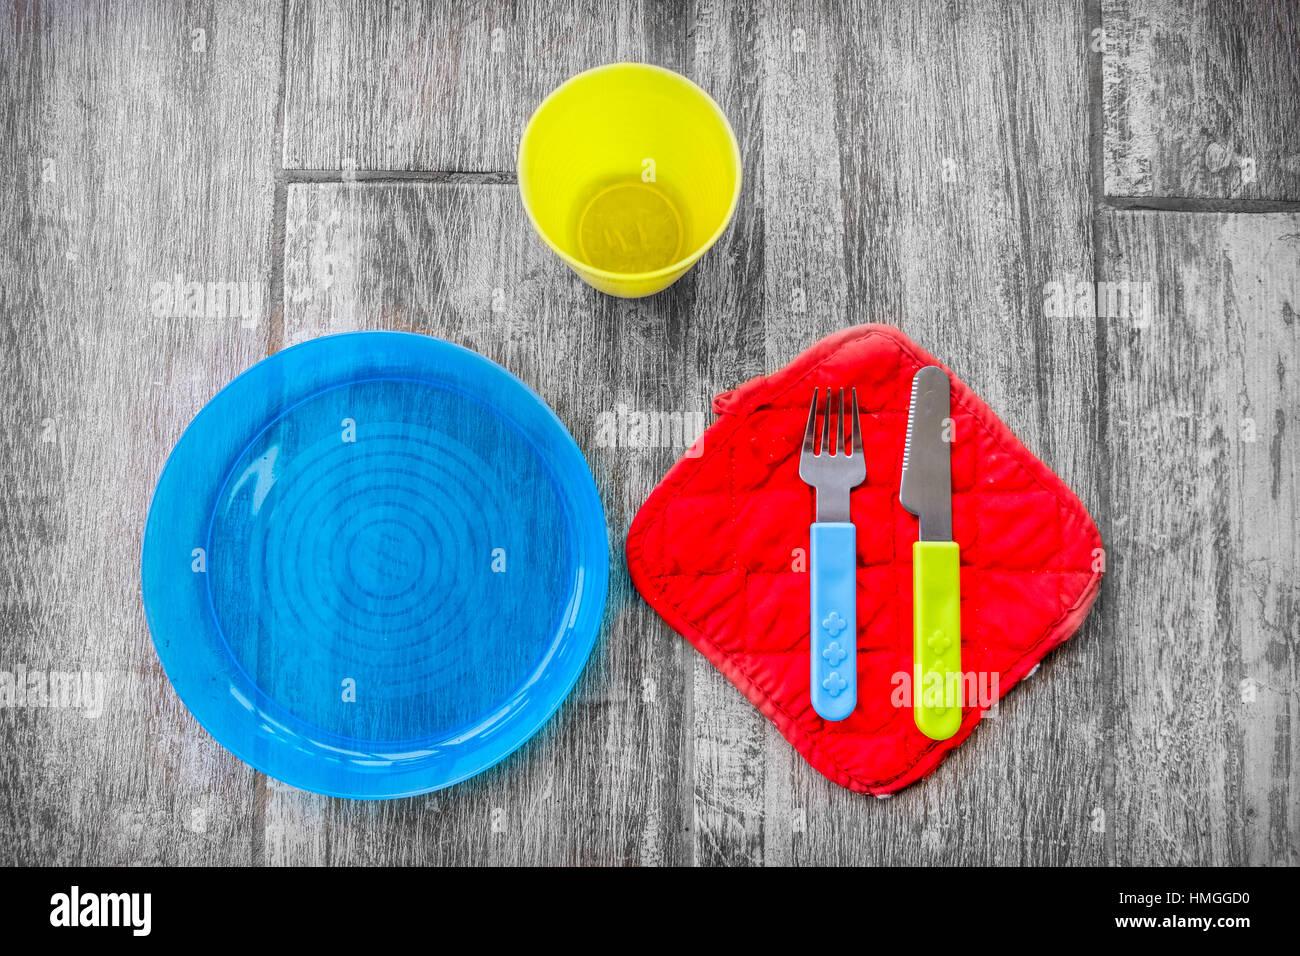 Kinder Besteck Besteck Baby Hintergrund bunt Stockbild